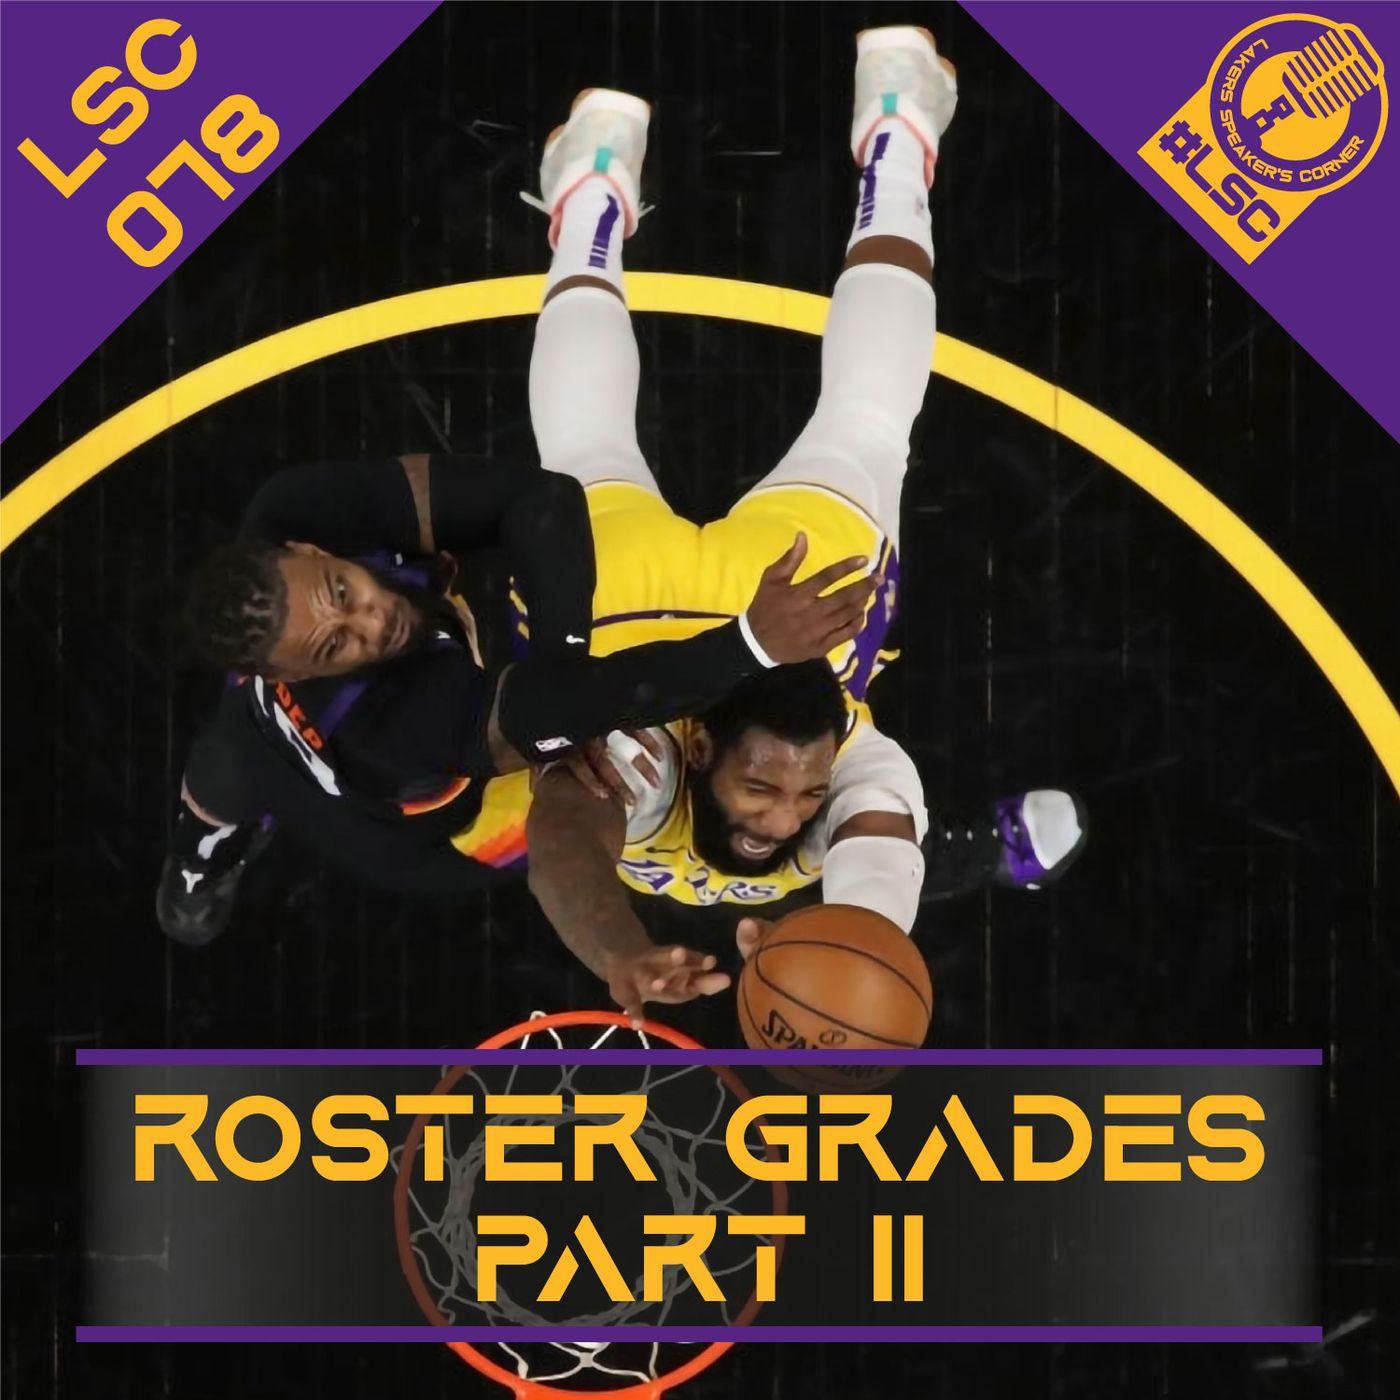 LSC 078 - Roster Grades Part II